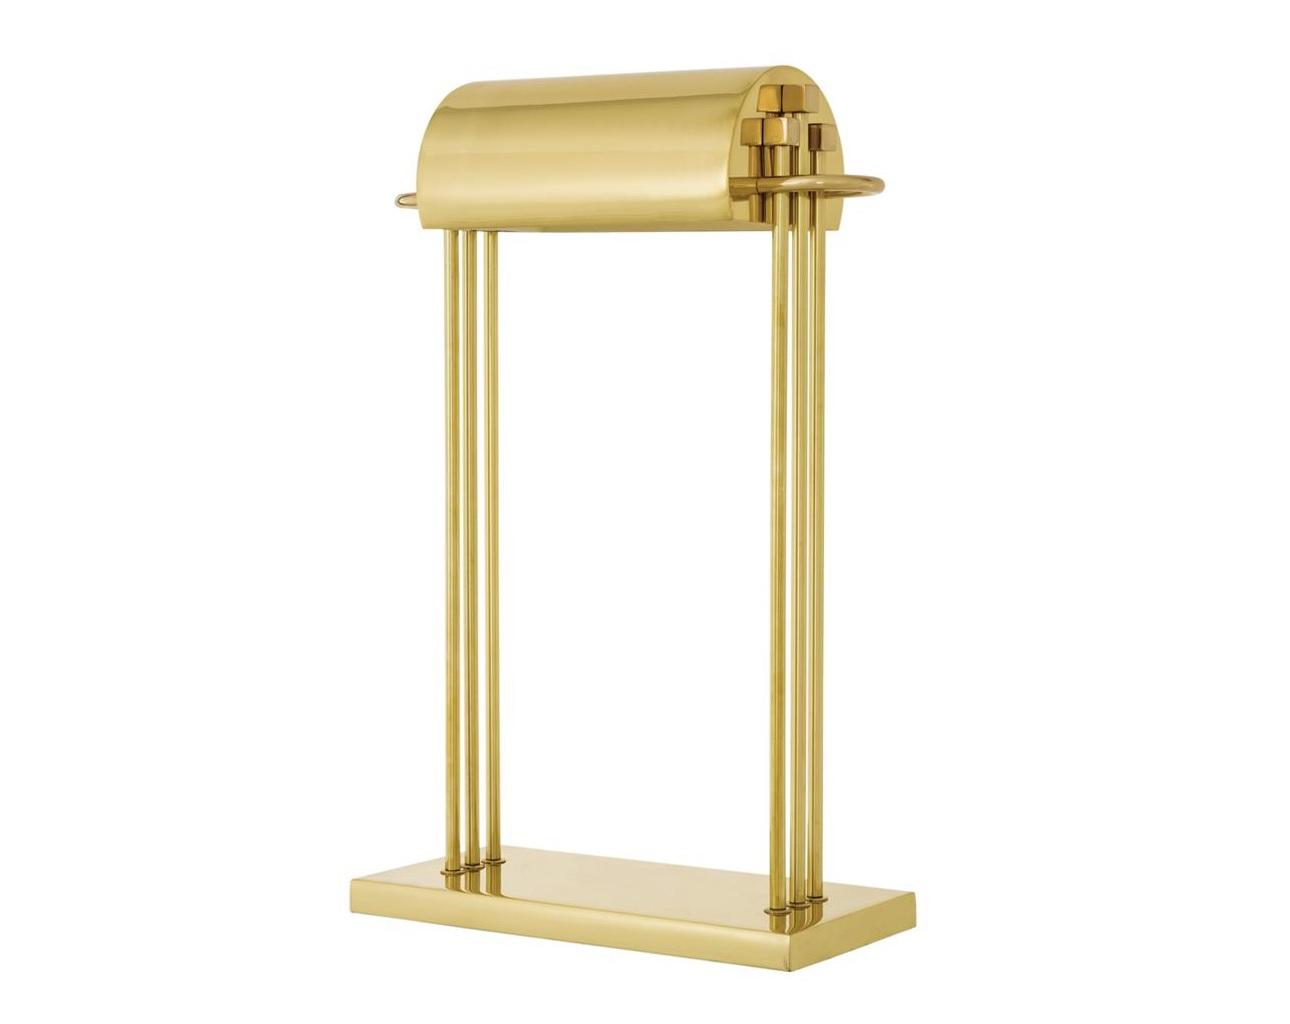 Настольная лампа Table Lamp FairfaxНастольные лампы<br>&amp;lt;div&amp;gt;Вид цоколя: E27&amp;lt;br&amp;gt;&amp;lt;/div&amp;gt;&amp;lt;div&amp;gt;&amp;lt;div&amp;gt;Мощность: 40W&amp;lt;/div&amp;gt;&amp;lt;div&amp;gt;Количество ламп: 1 (нет в комплекте)&amp;lt;/div&amp;gt;&amp;lt;/div&amp;gt;<br><br>Material: Металл<br>Ширина см: 31<br>Высота см: 51<br>Глубина см: 15